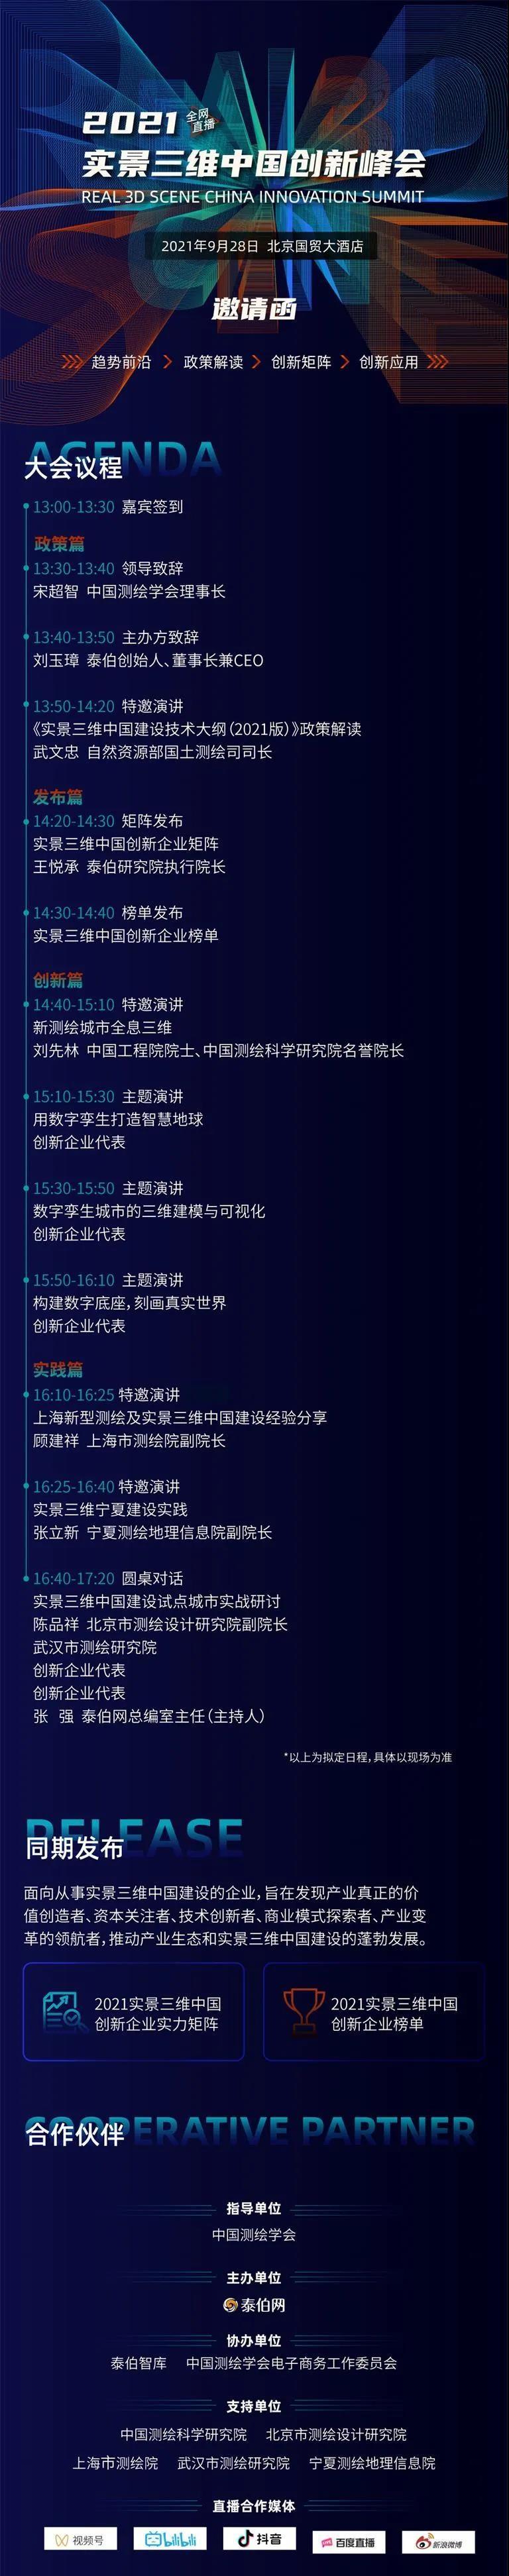 2021实景三维中国峰会